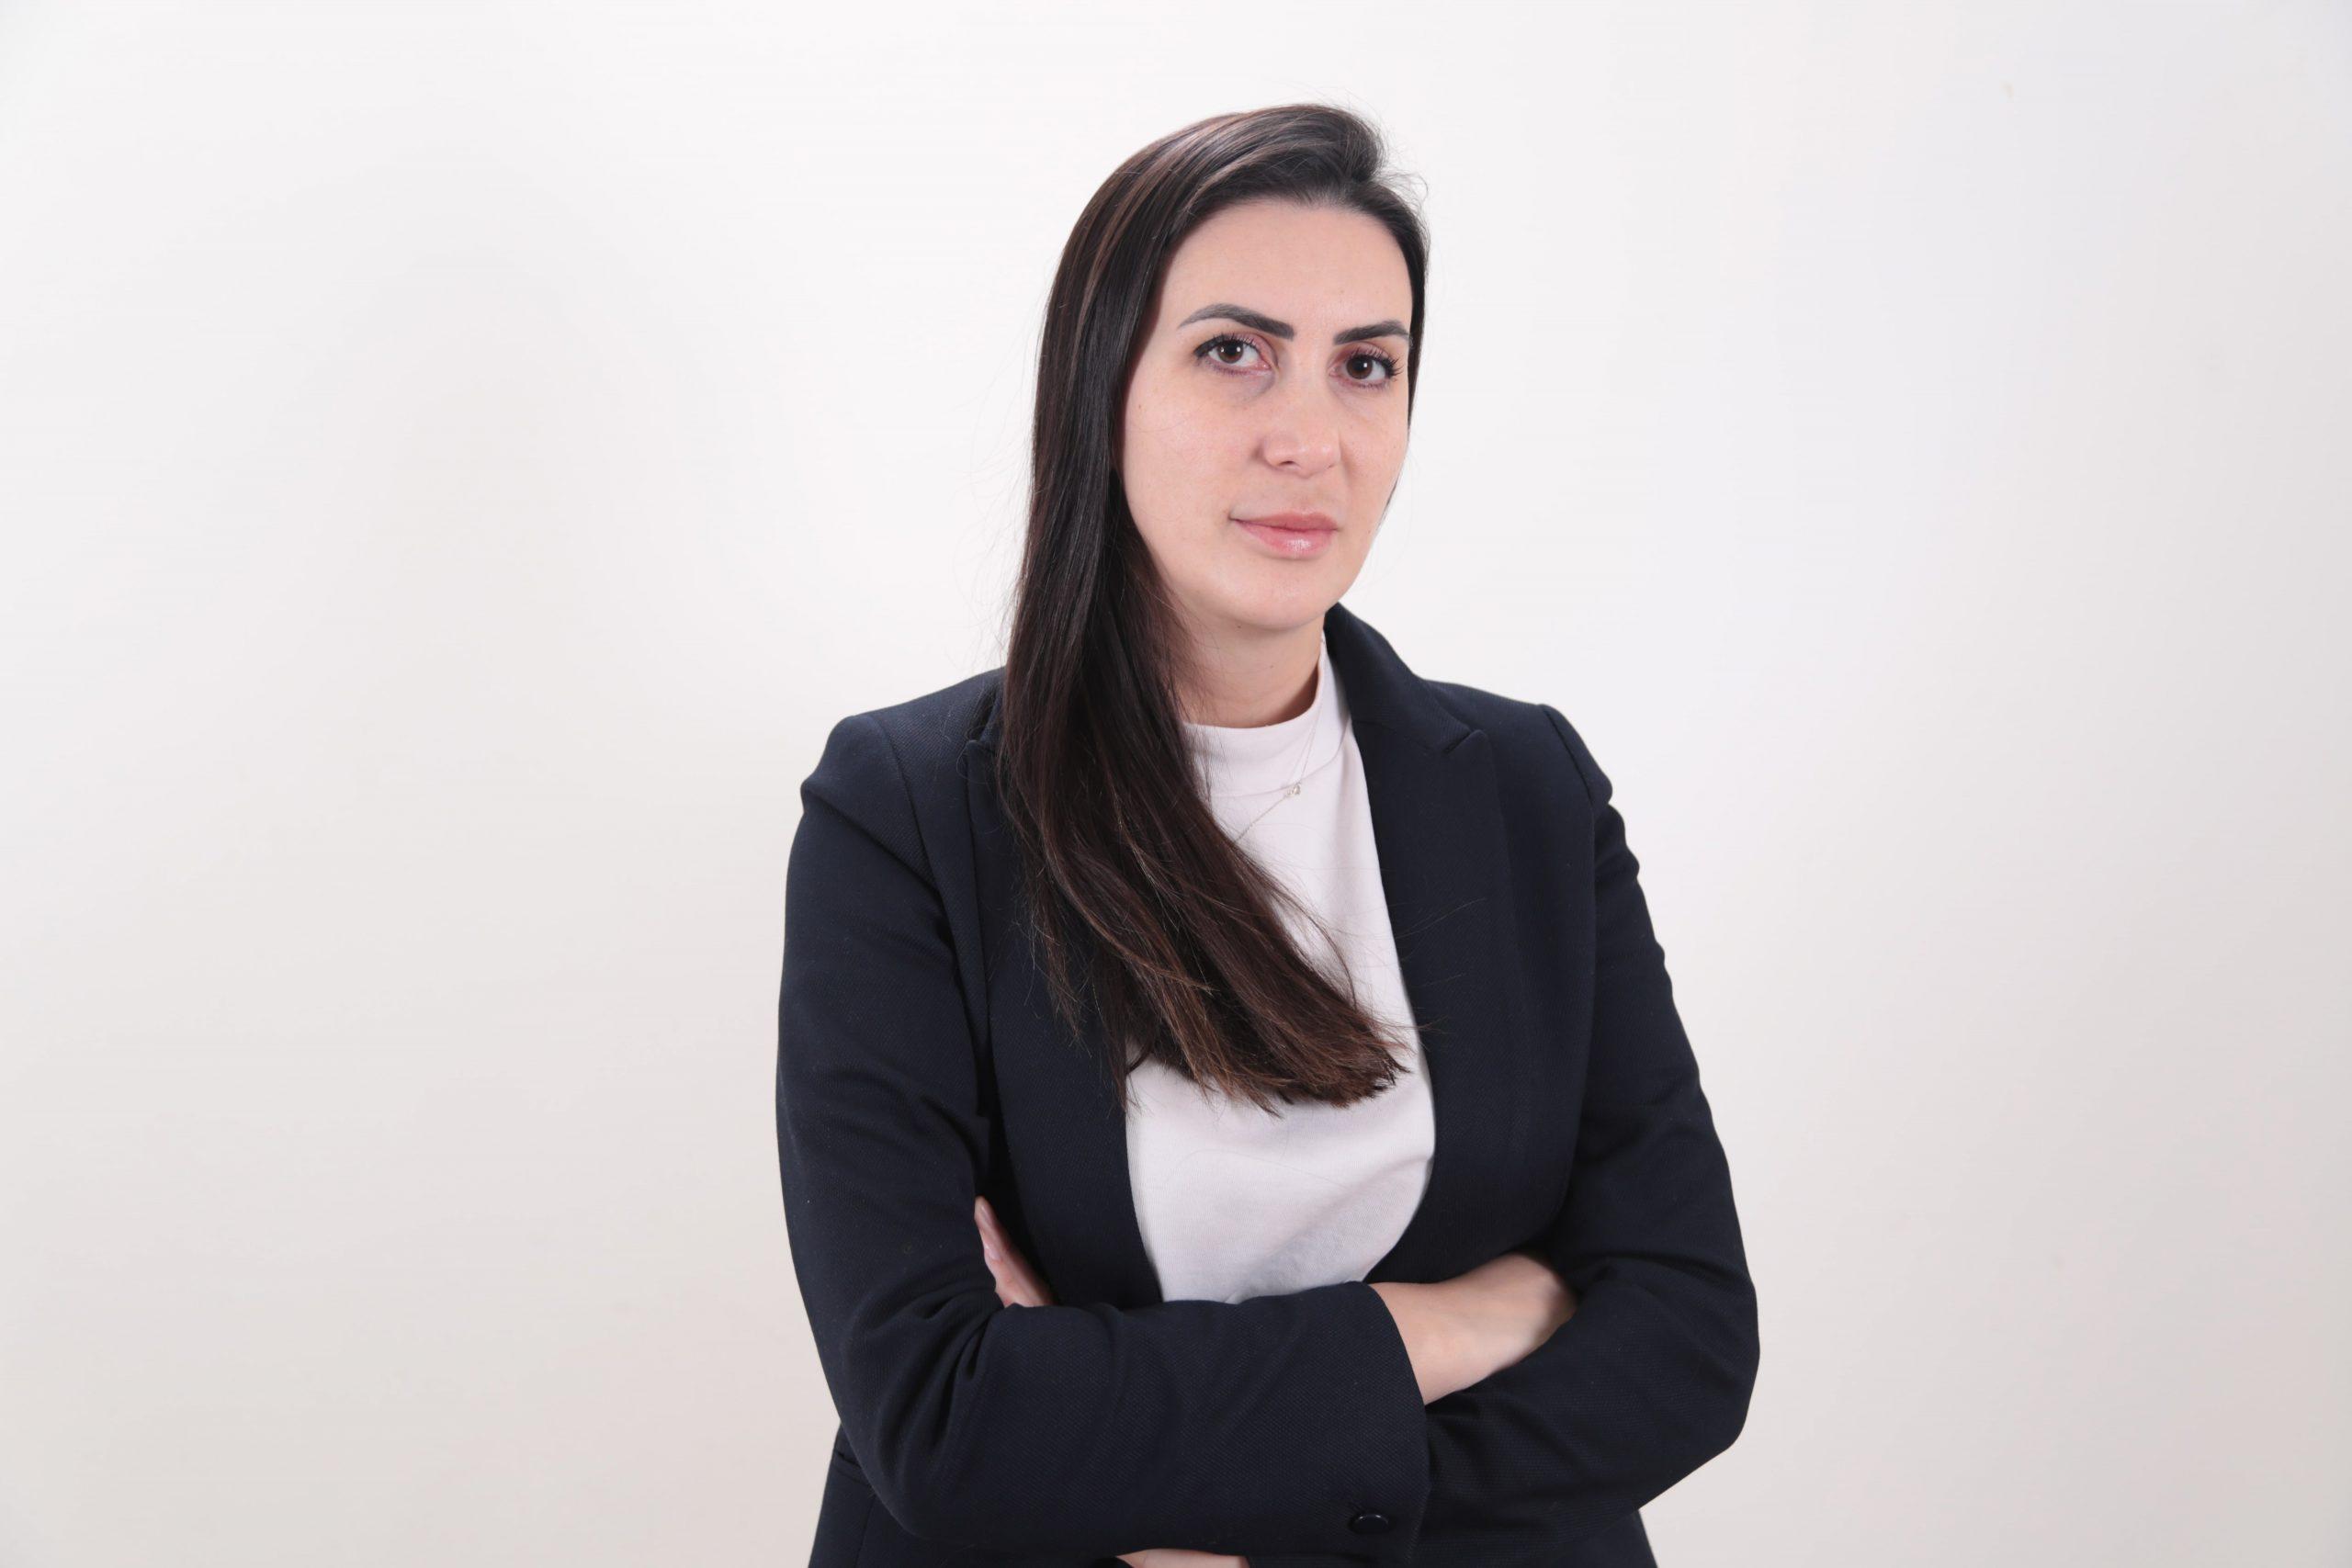 Ermira Shehu